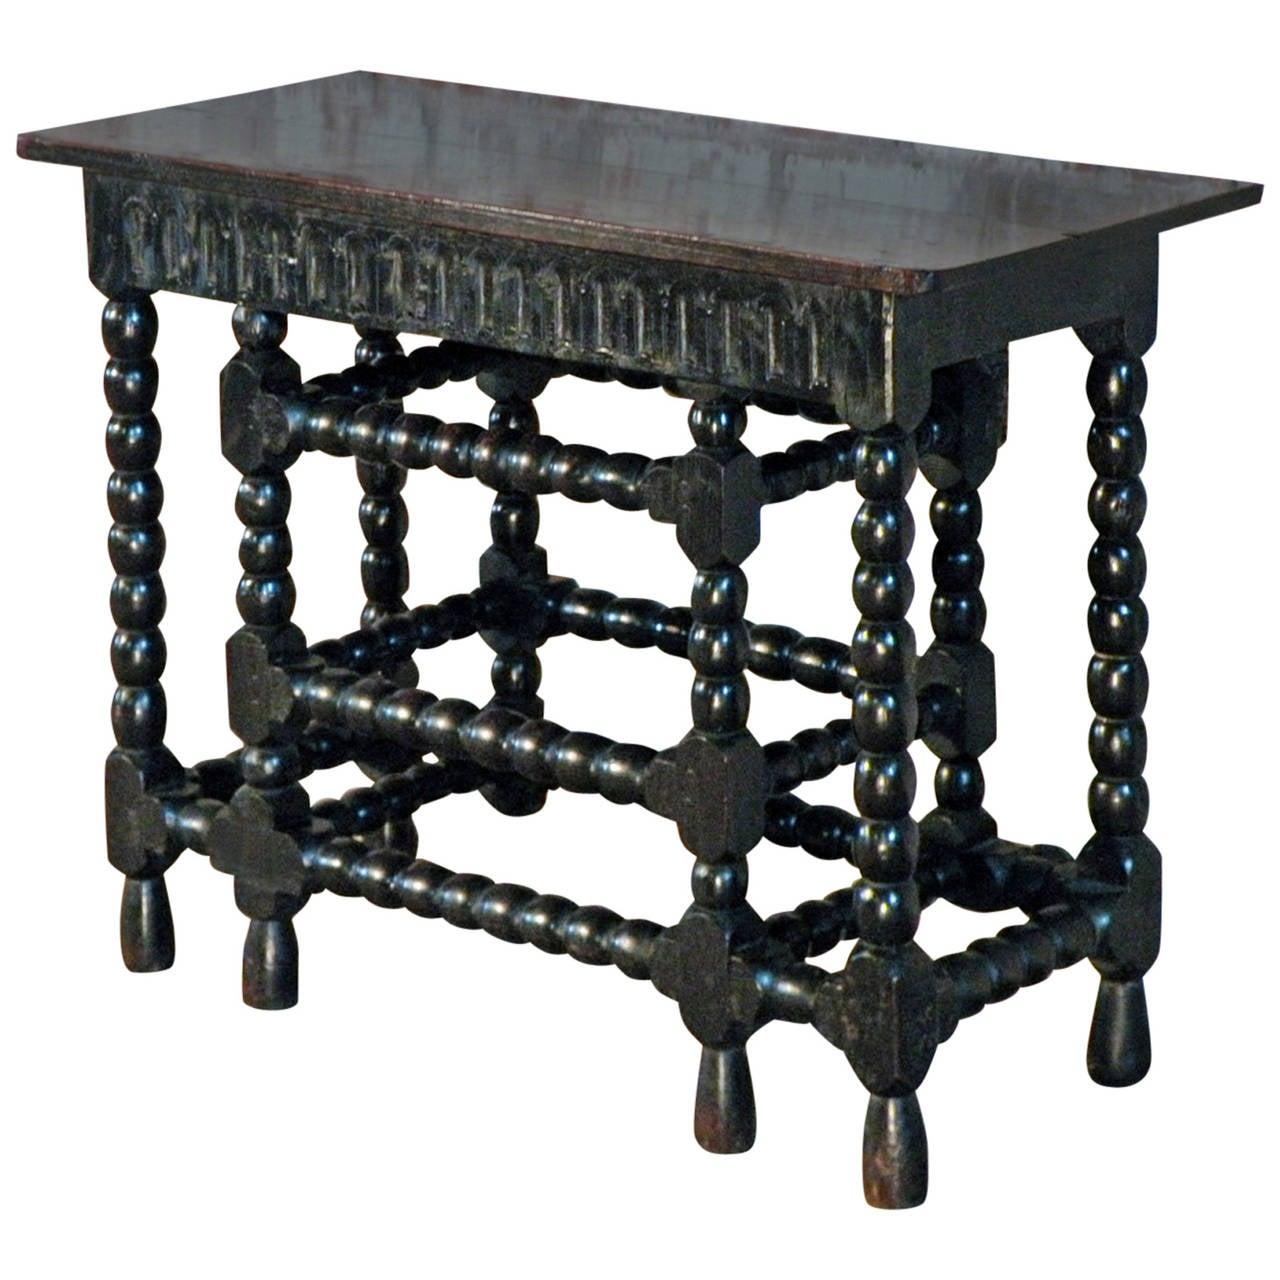 Franco-Flemish 17th Century Walnut and Ebonized Console Table